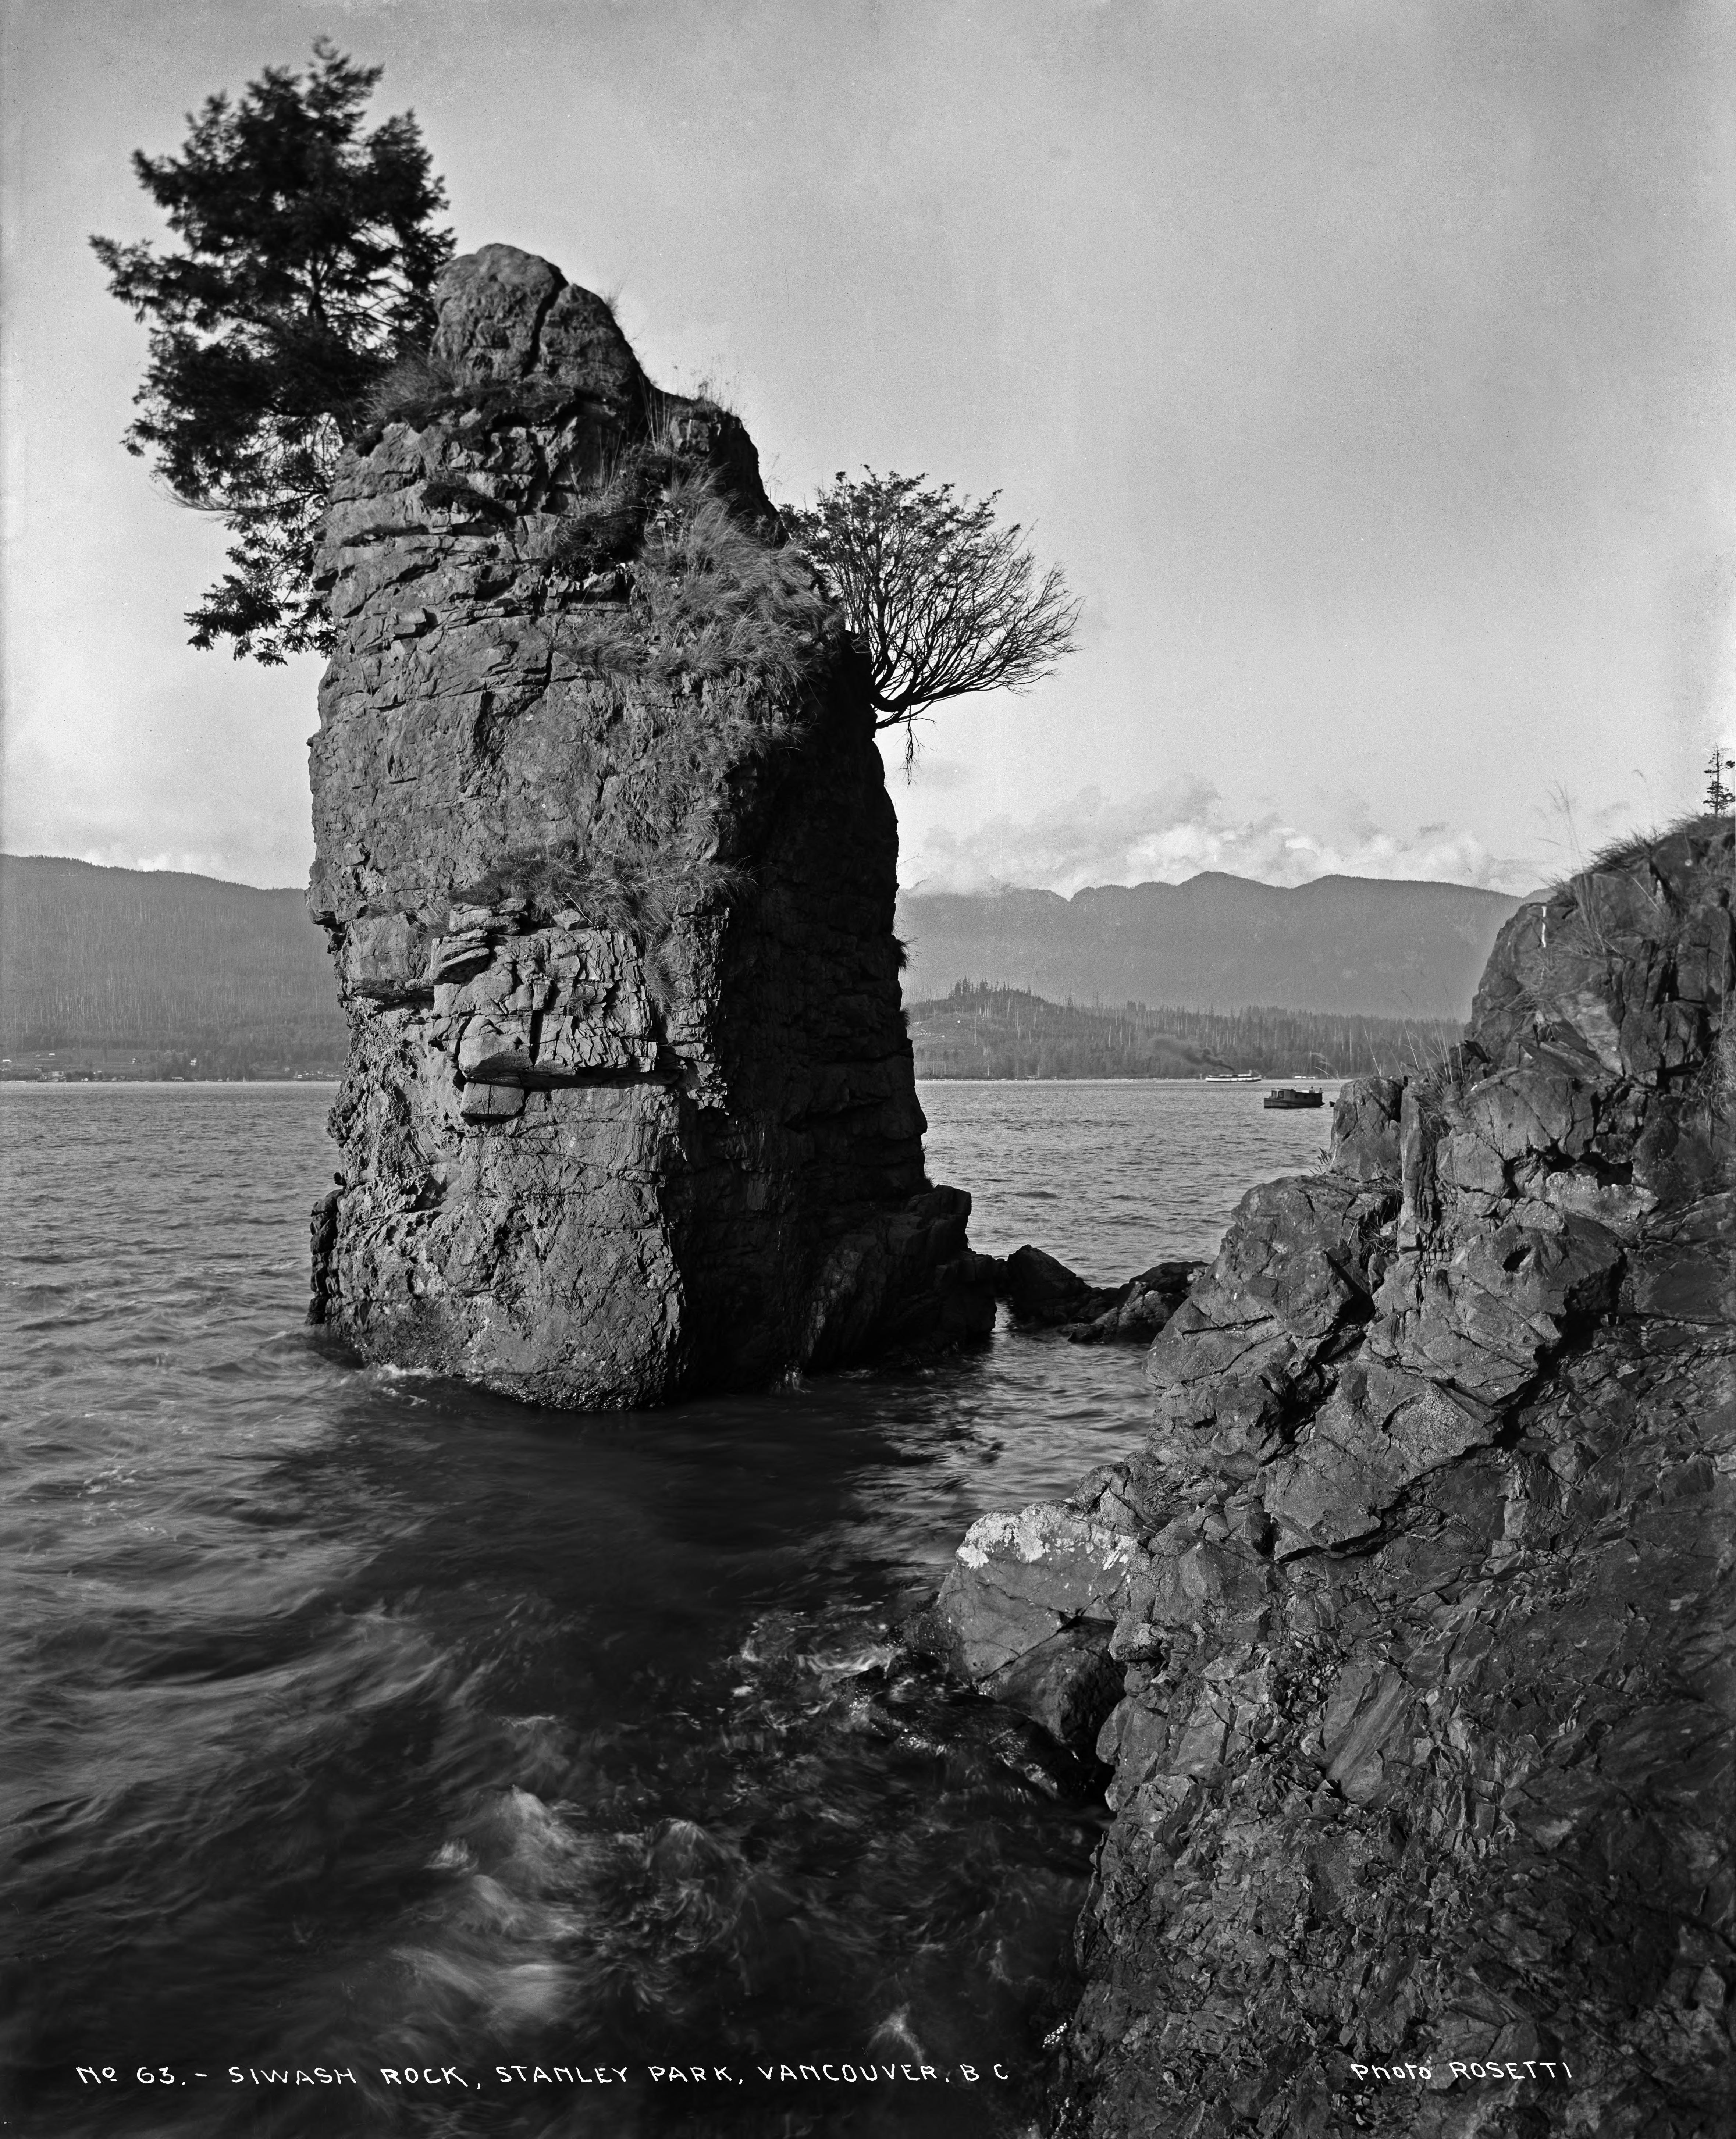 No. 63 - Siwash Rock, Stanley Park, Vancouver, B. Taken 1912